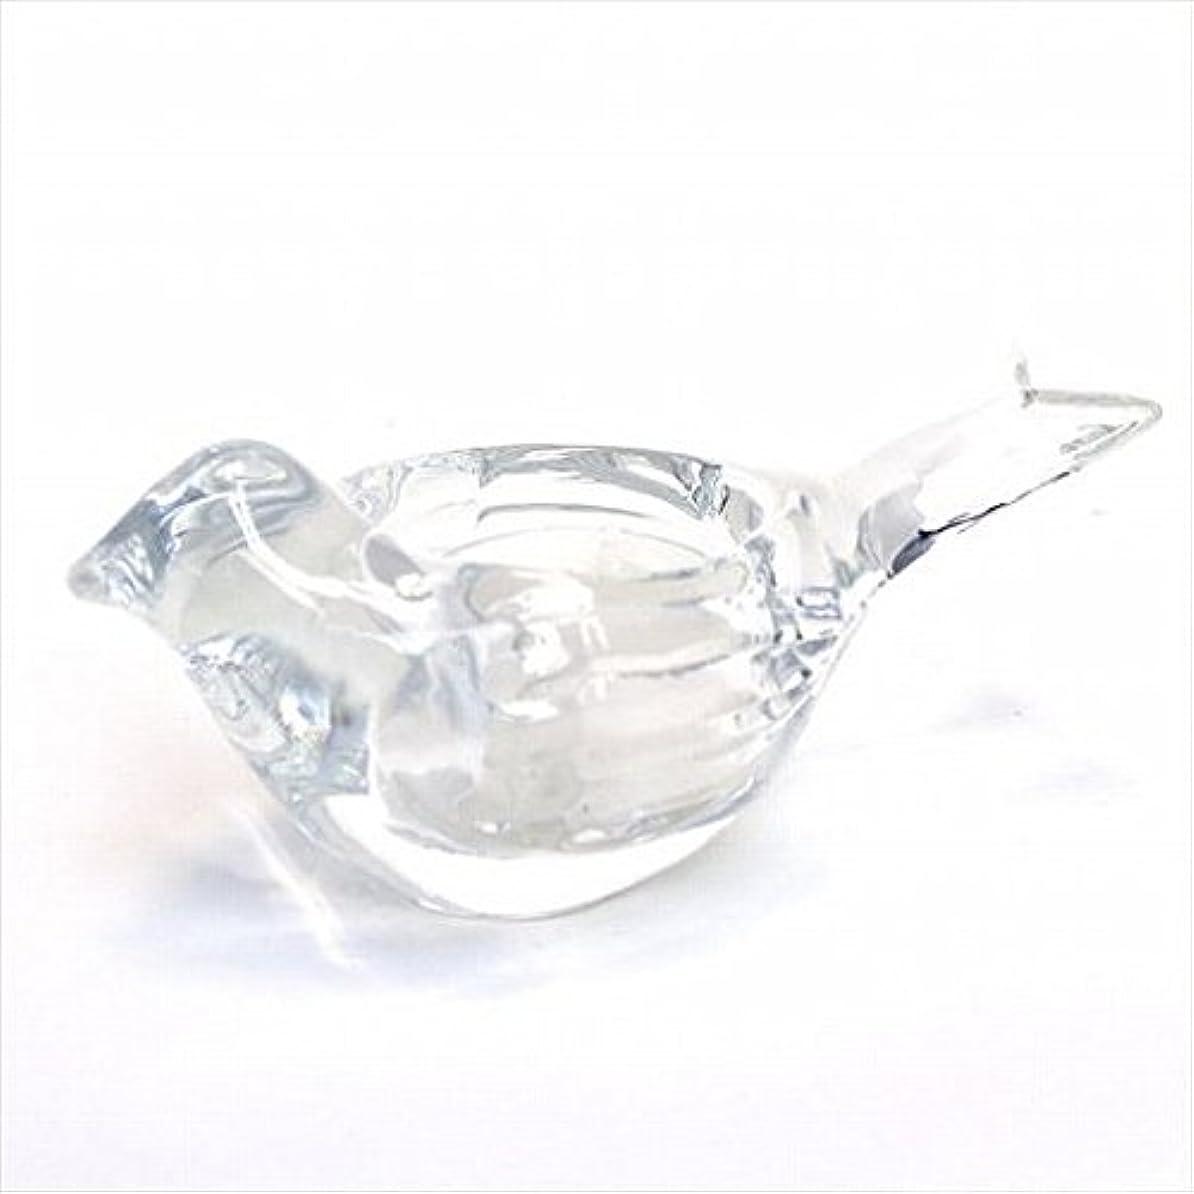 ひも順応性敬の念kameyama candle(カメヤマキャンドル) オードリーティーライトホルダー 「 クリア 」 キャンドル 120x58x58mm (J1340000C)